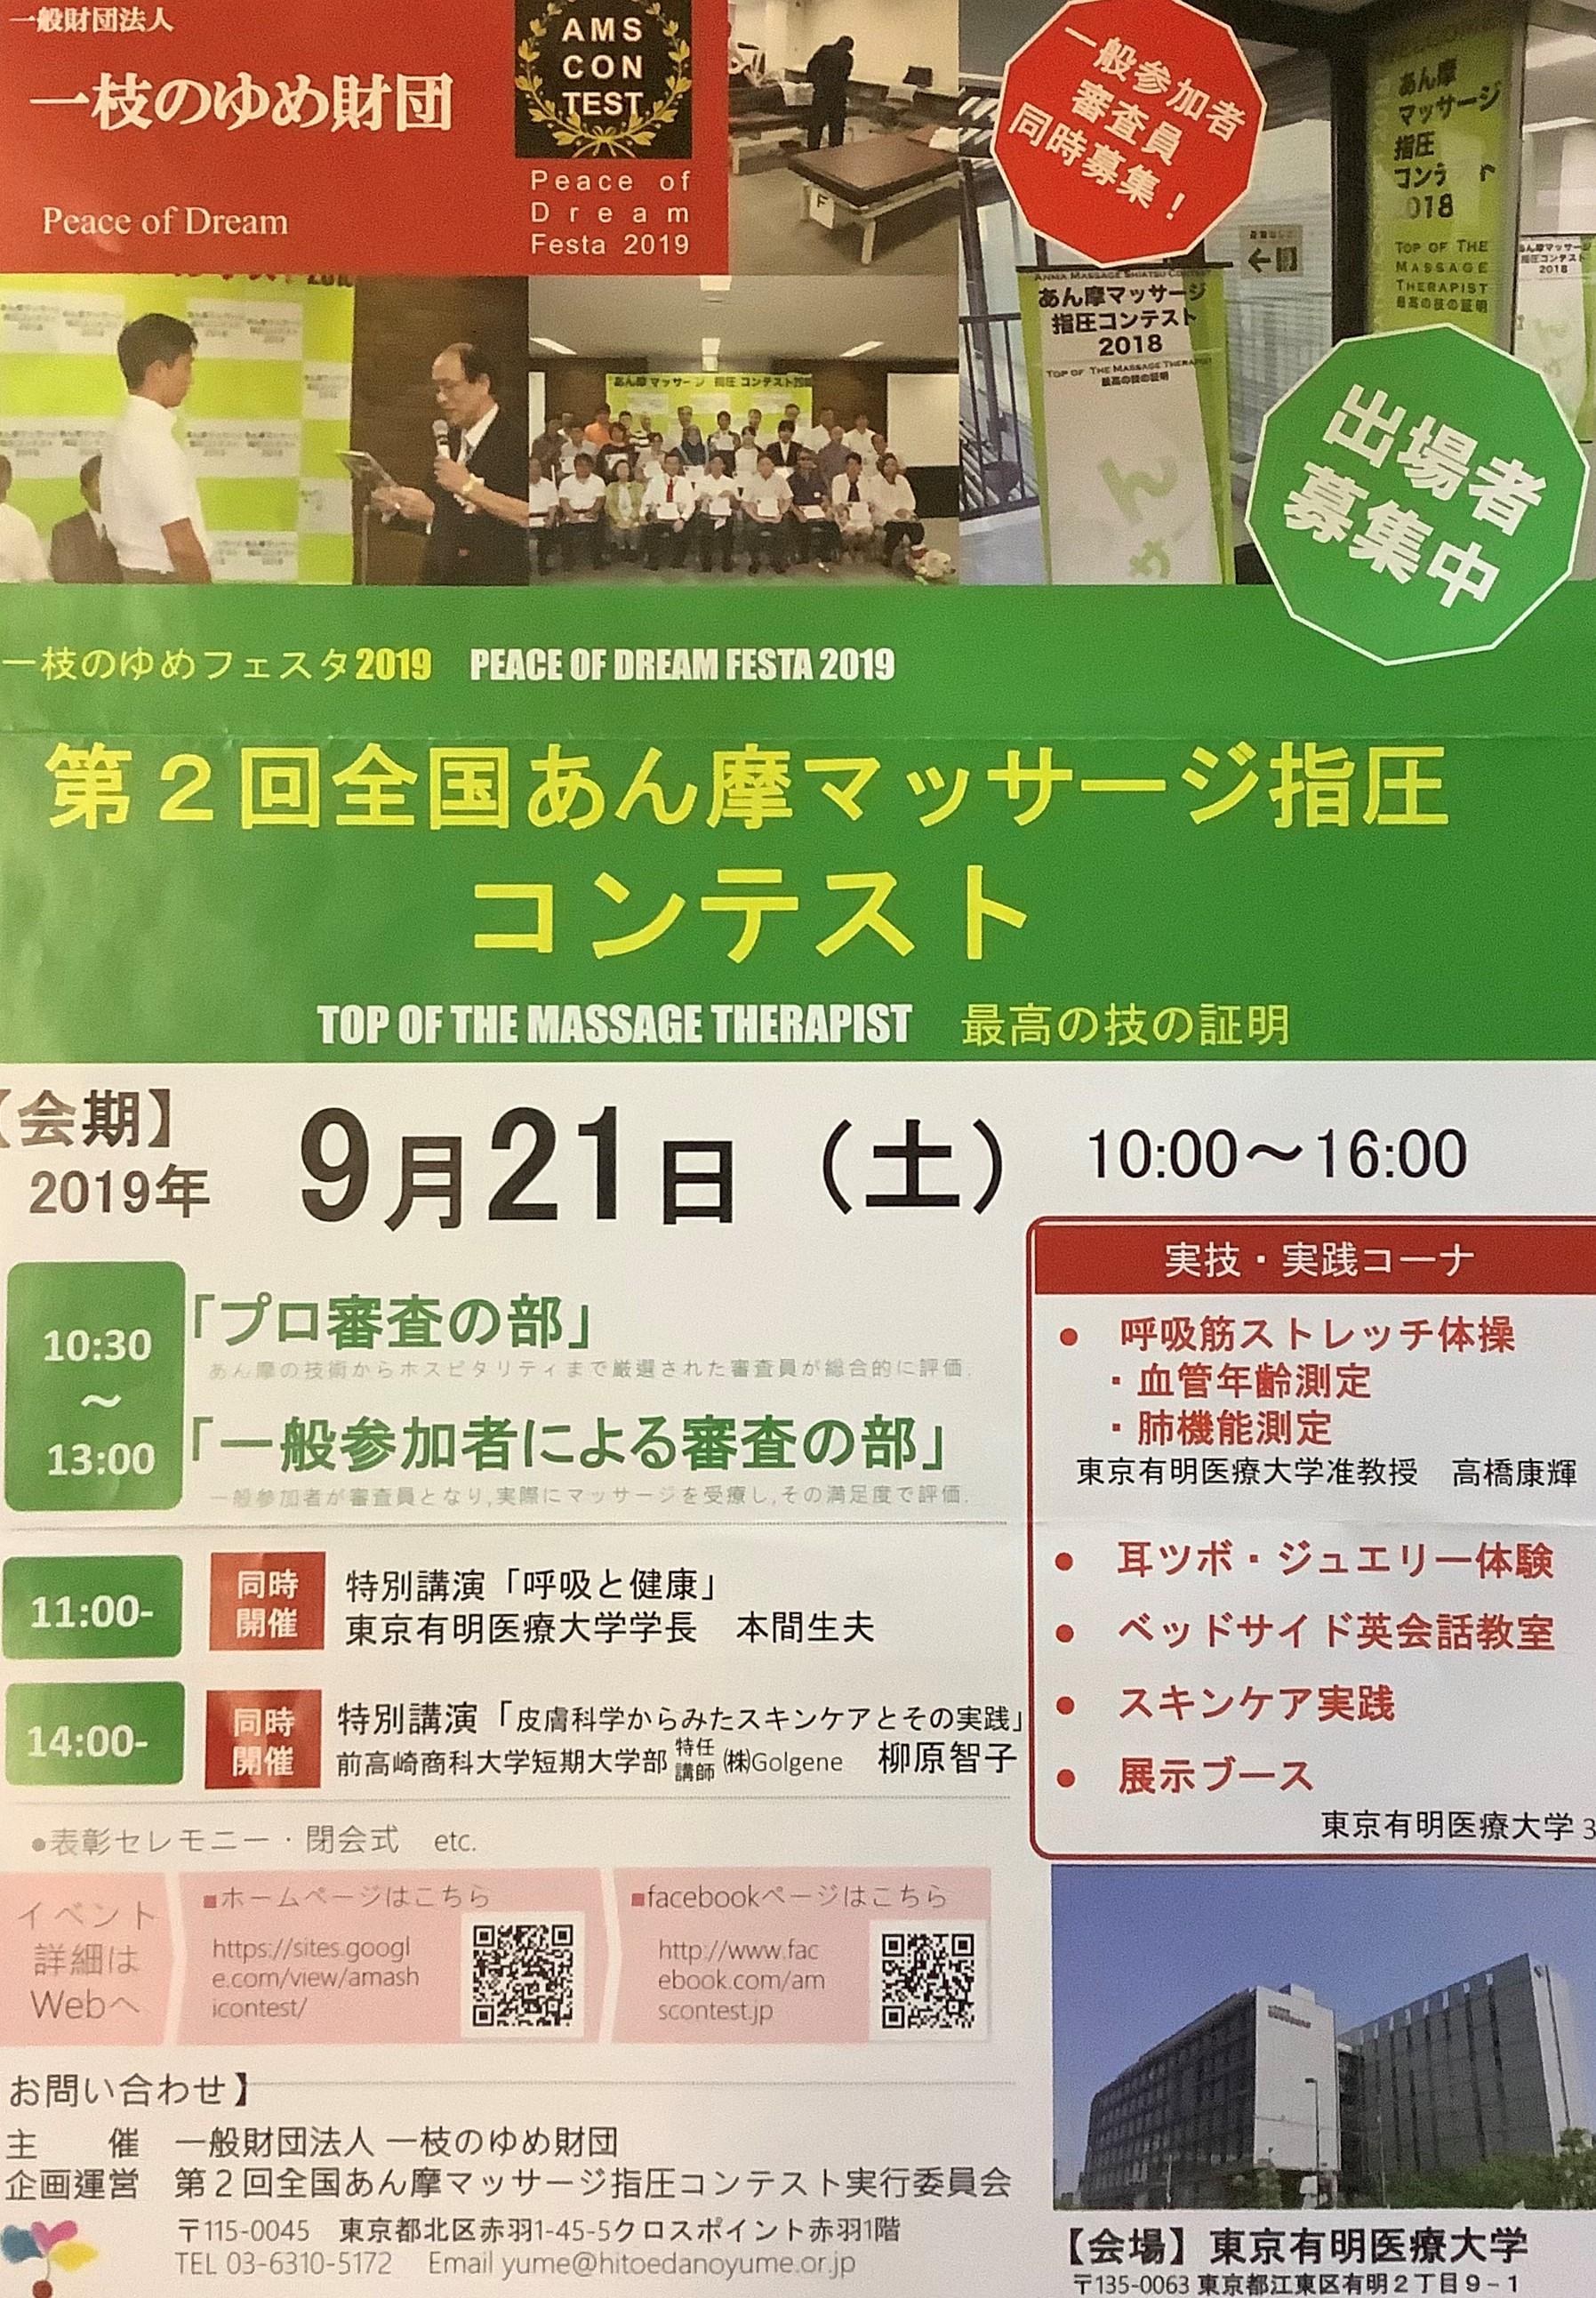 2019年9月21日(土) 東京有明医療大学 特別講演お知らせ